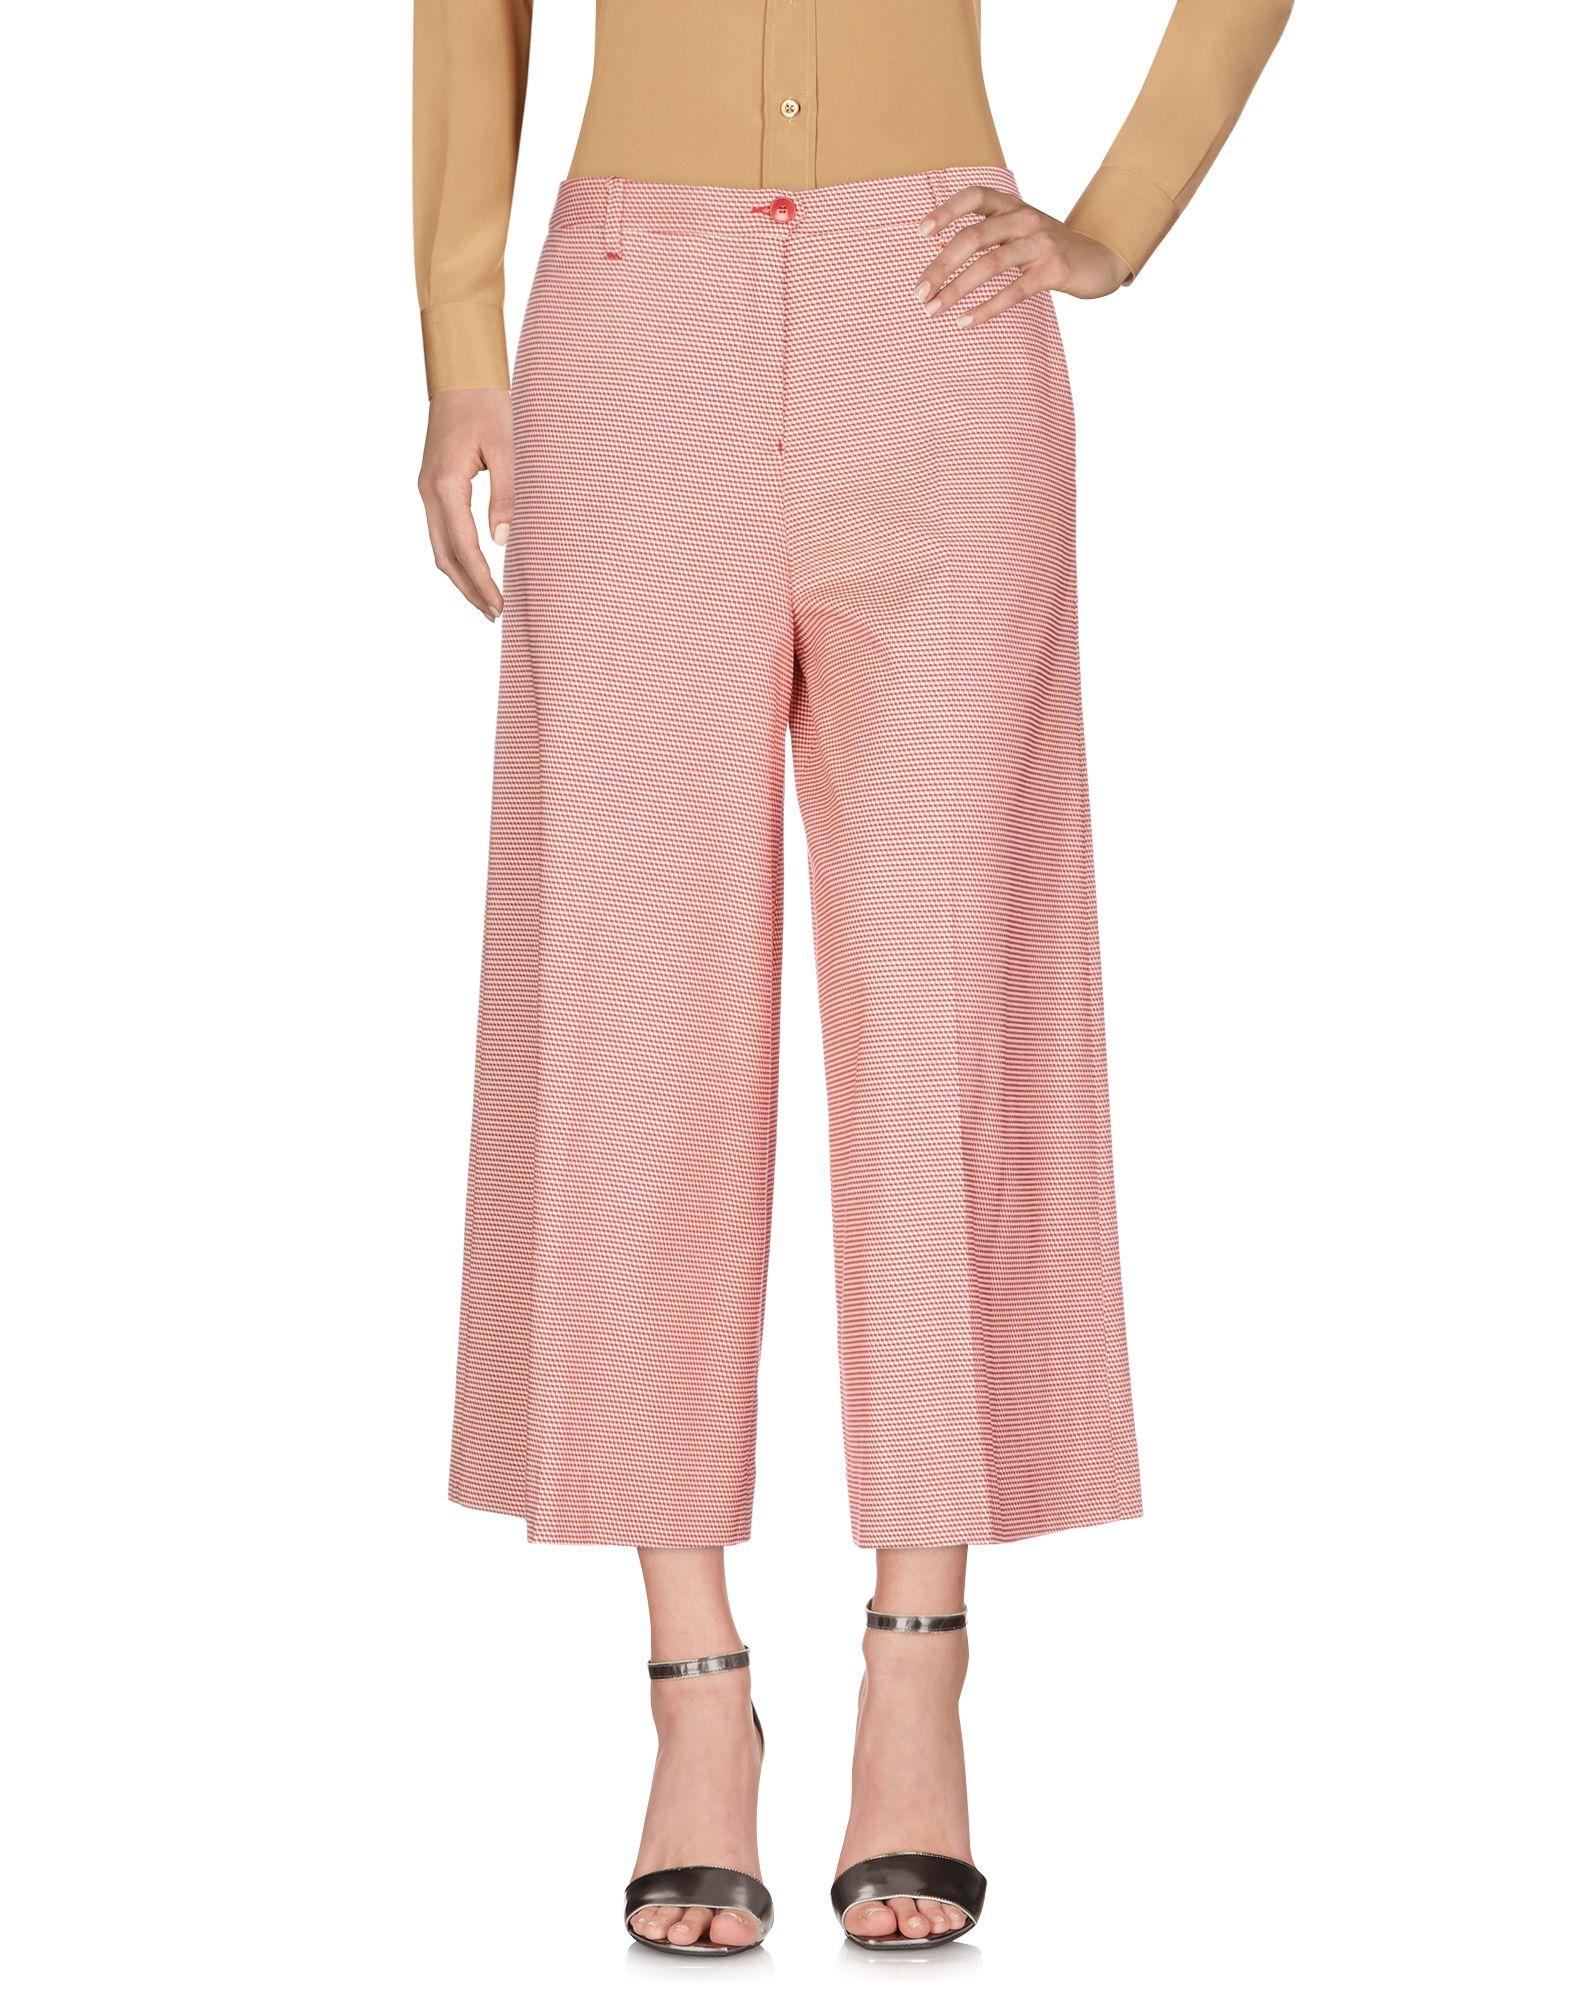 Pantalone Classico Armani Jeans damen - 13158022LC